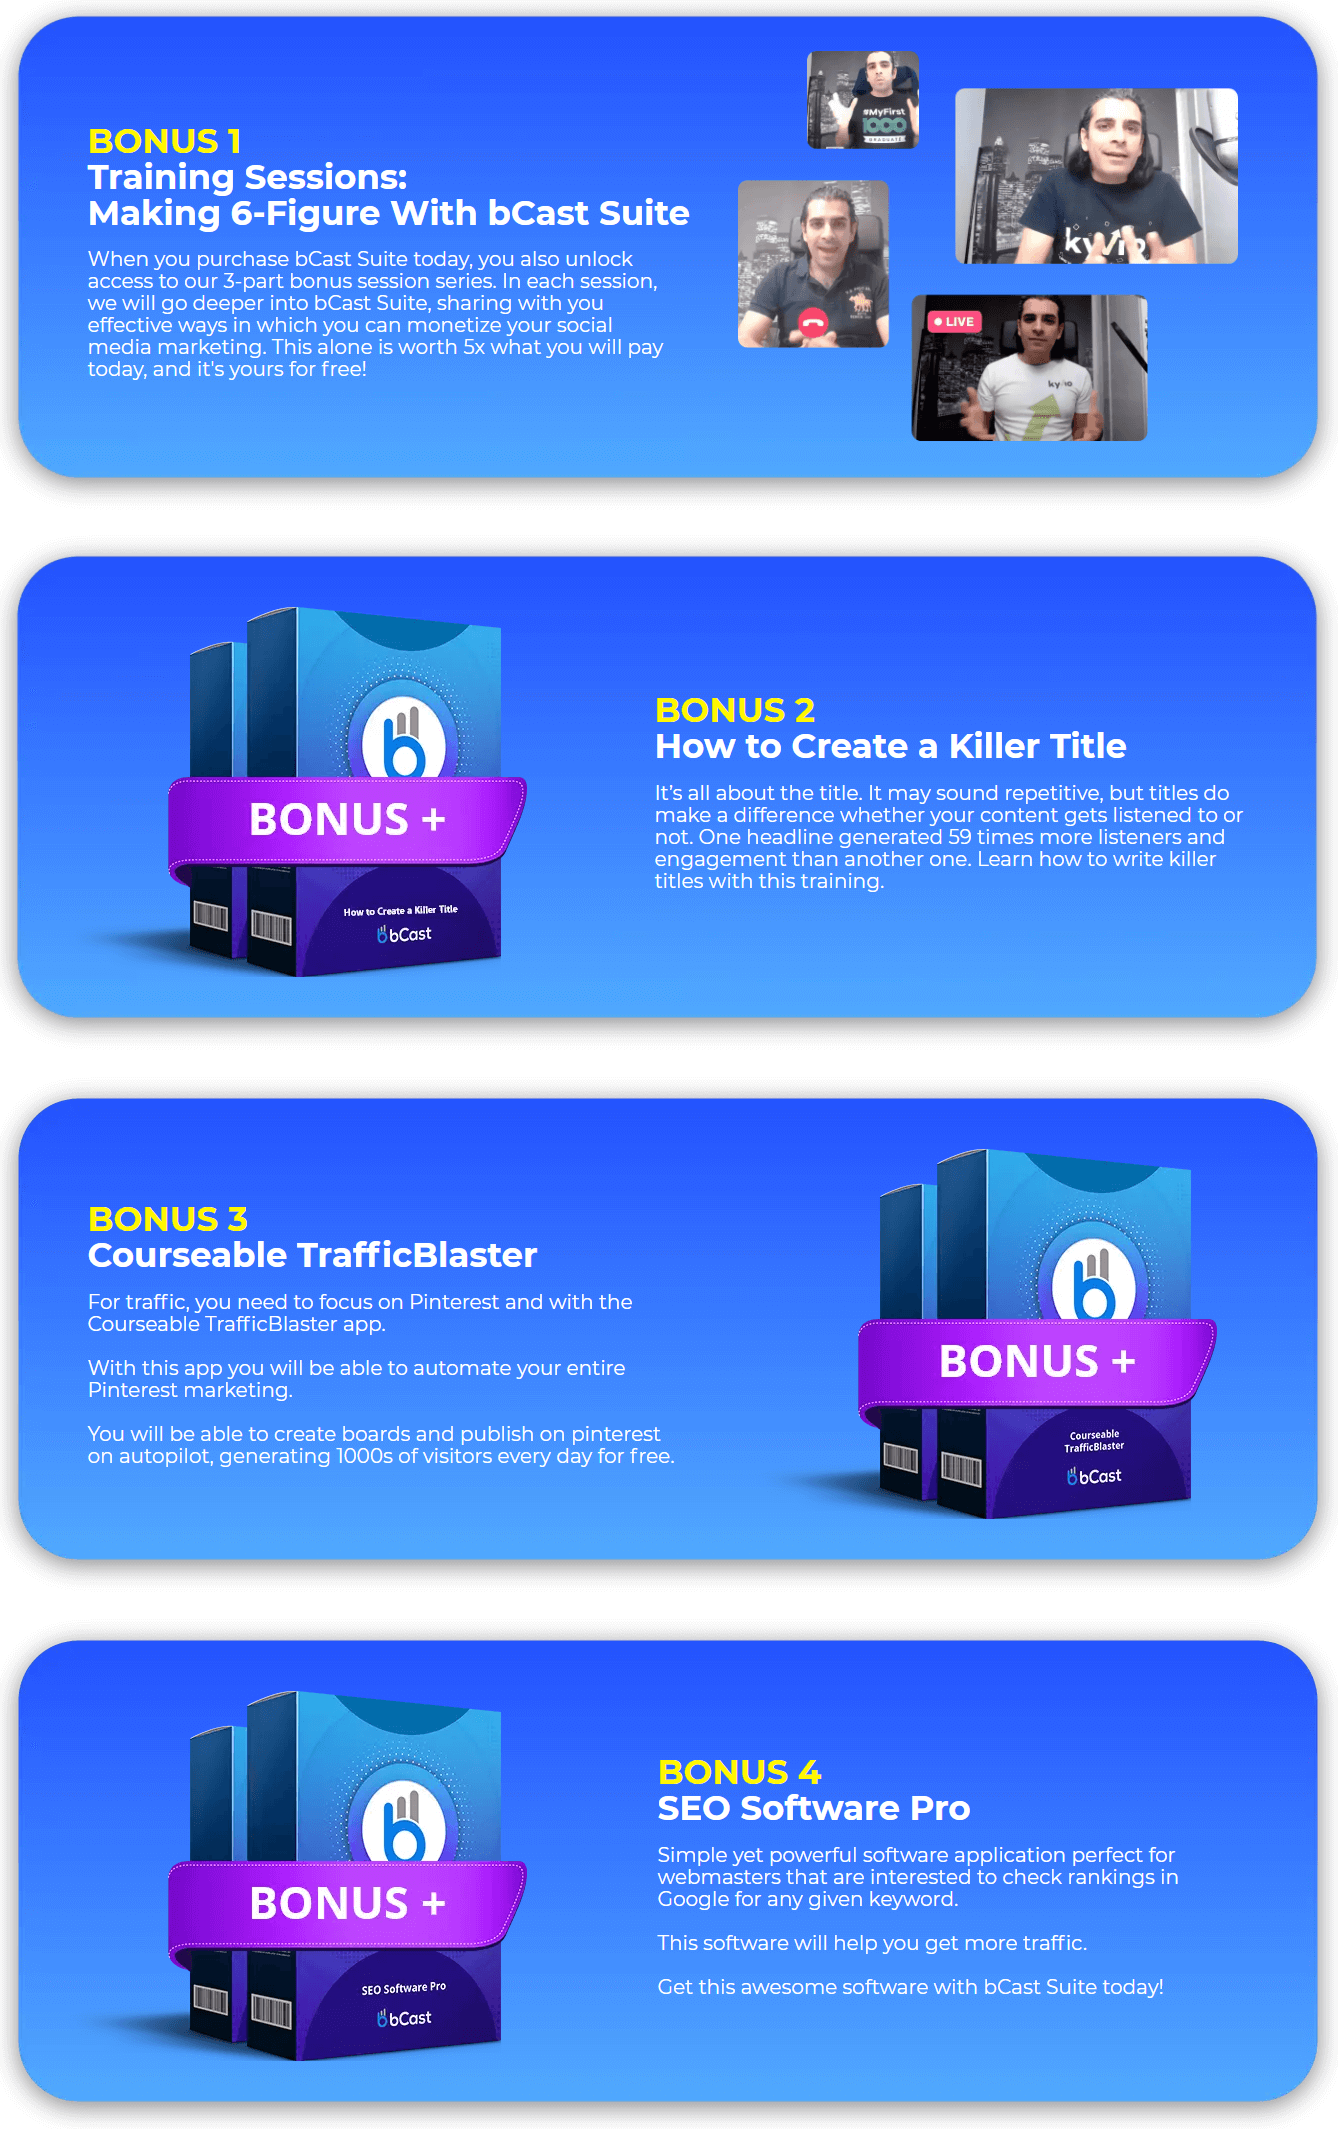 bCast-Suite-bonus